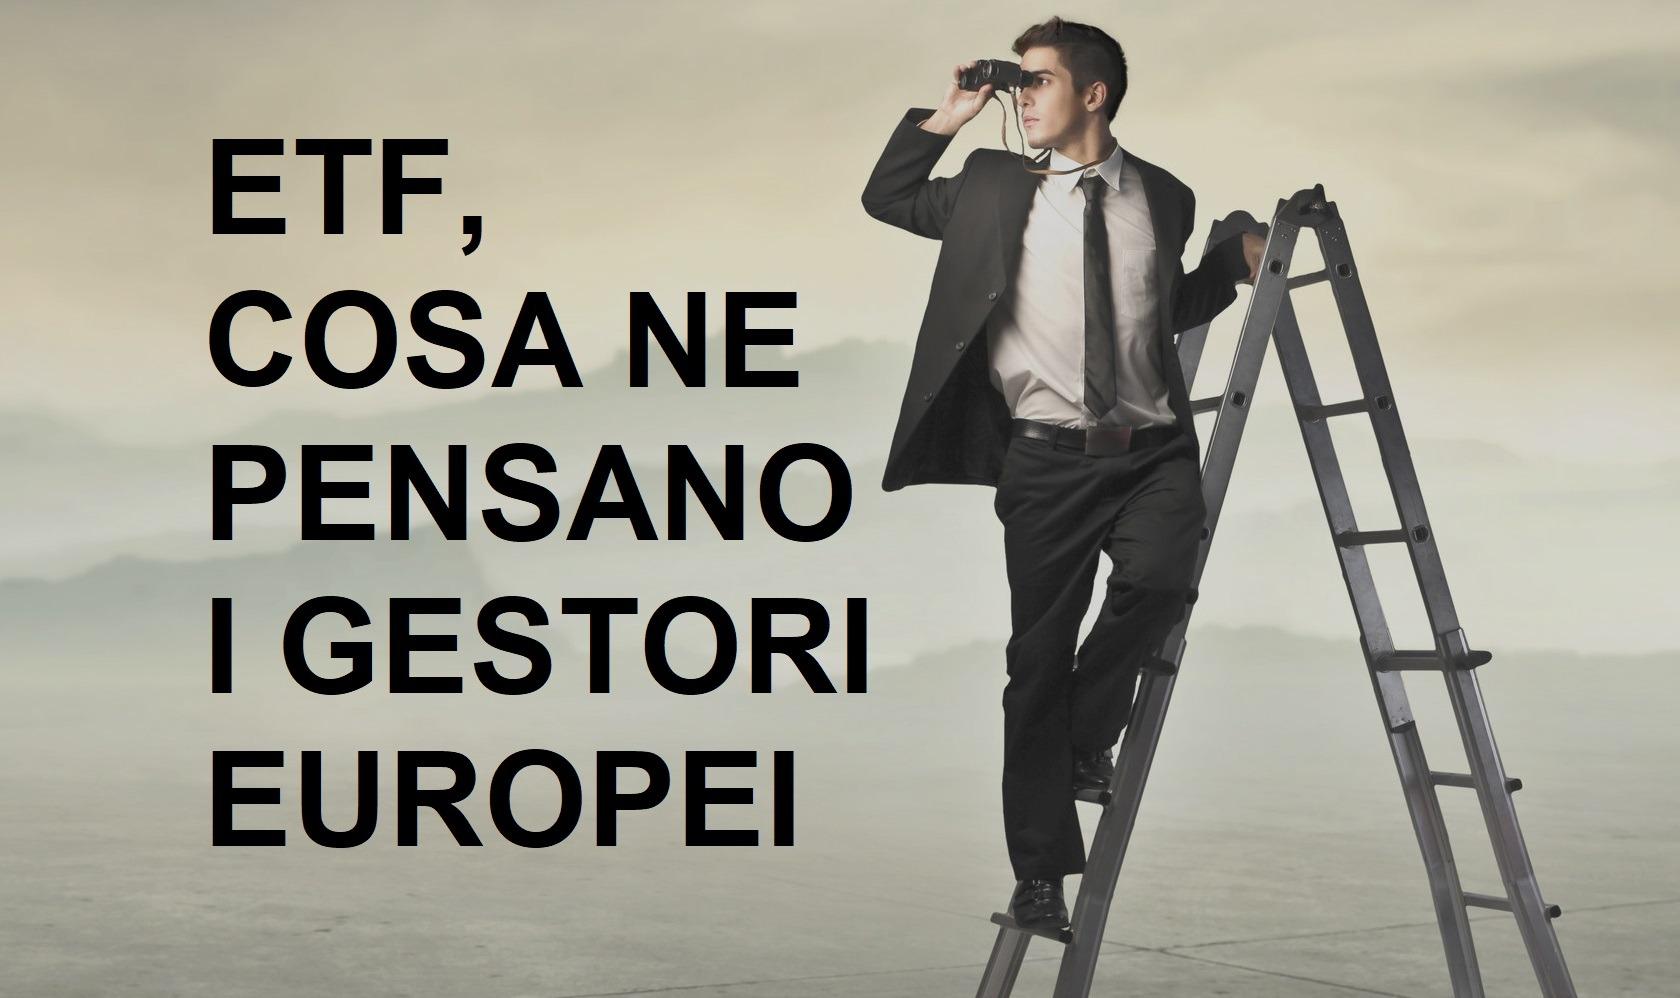 etf cosa ne pensano i gestori europei